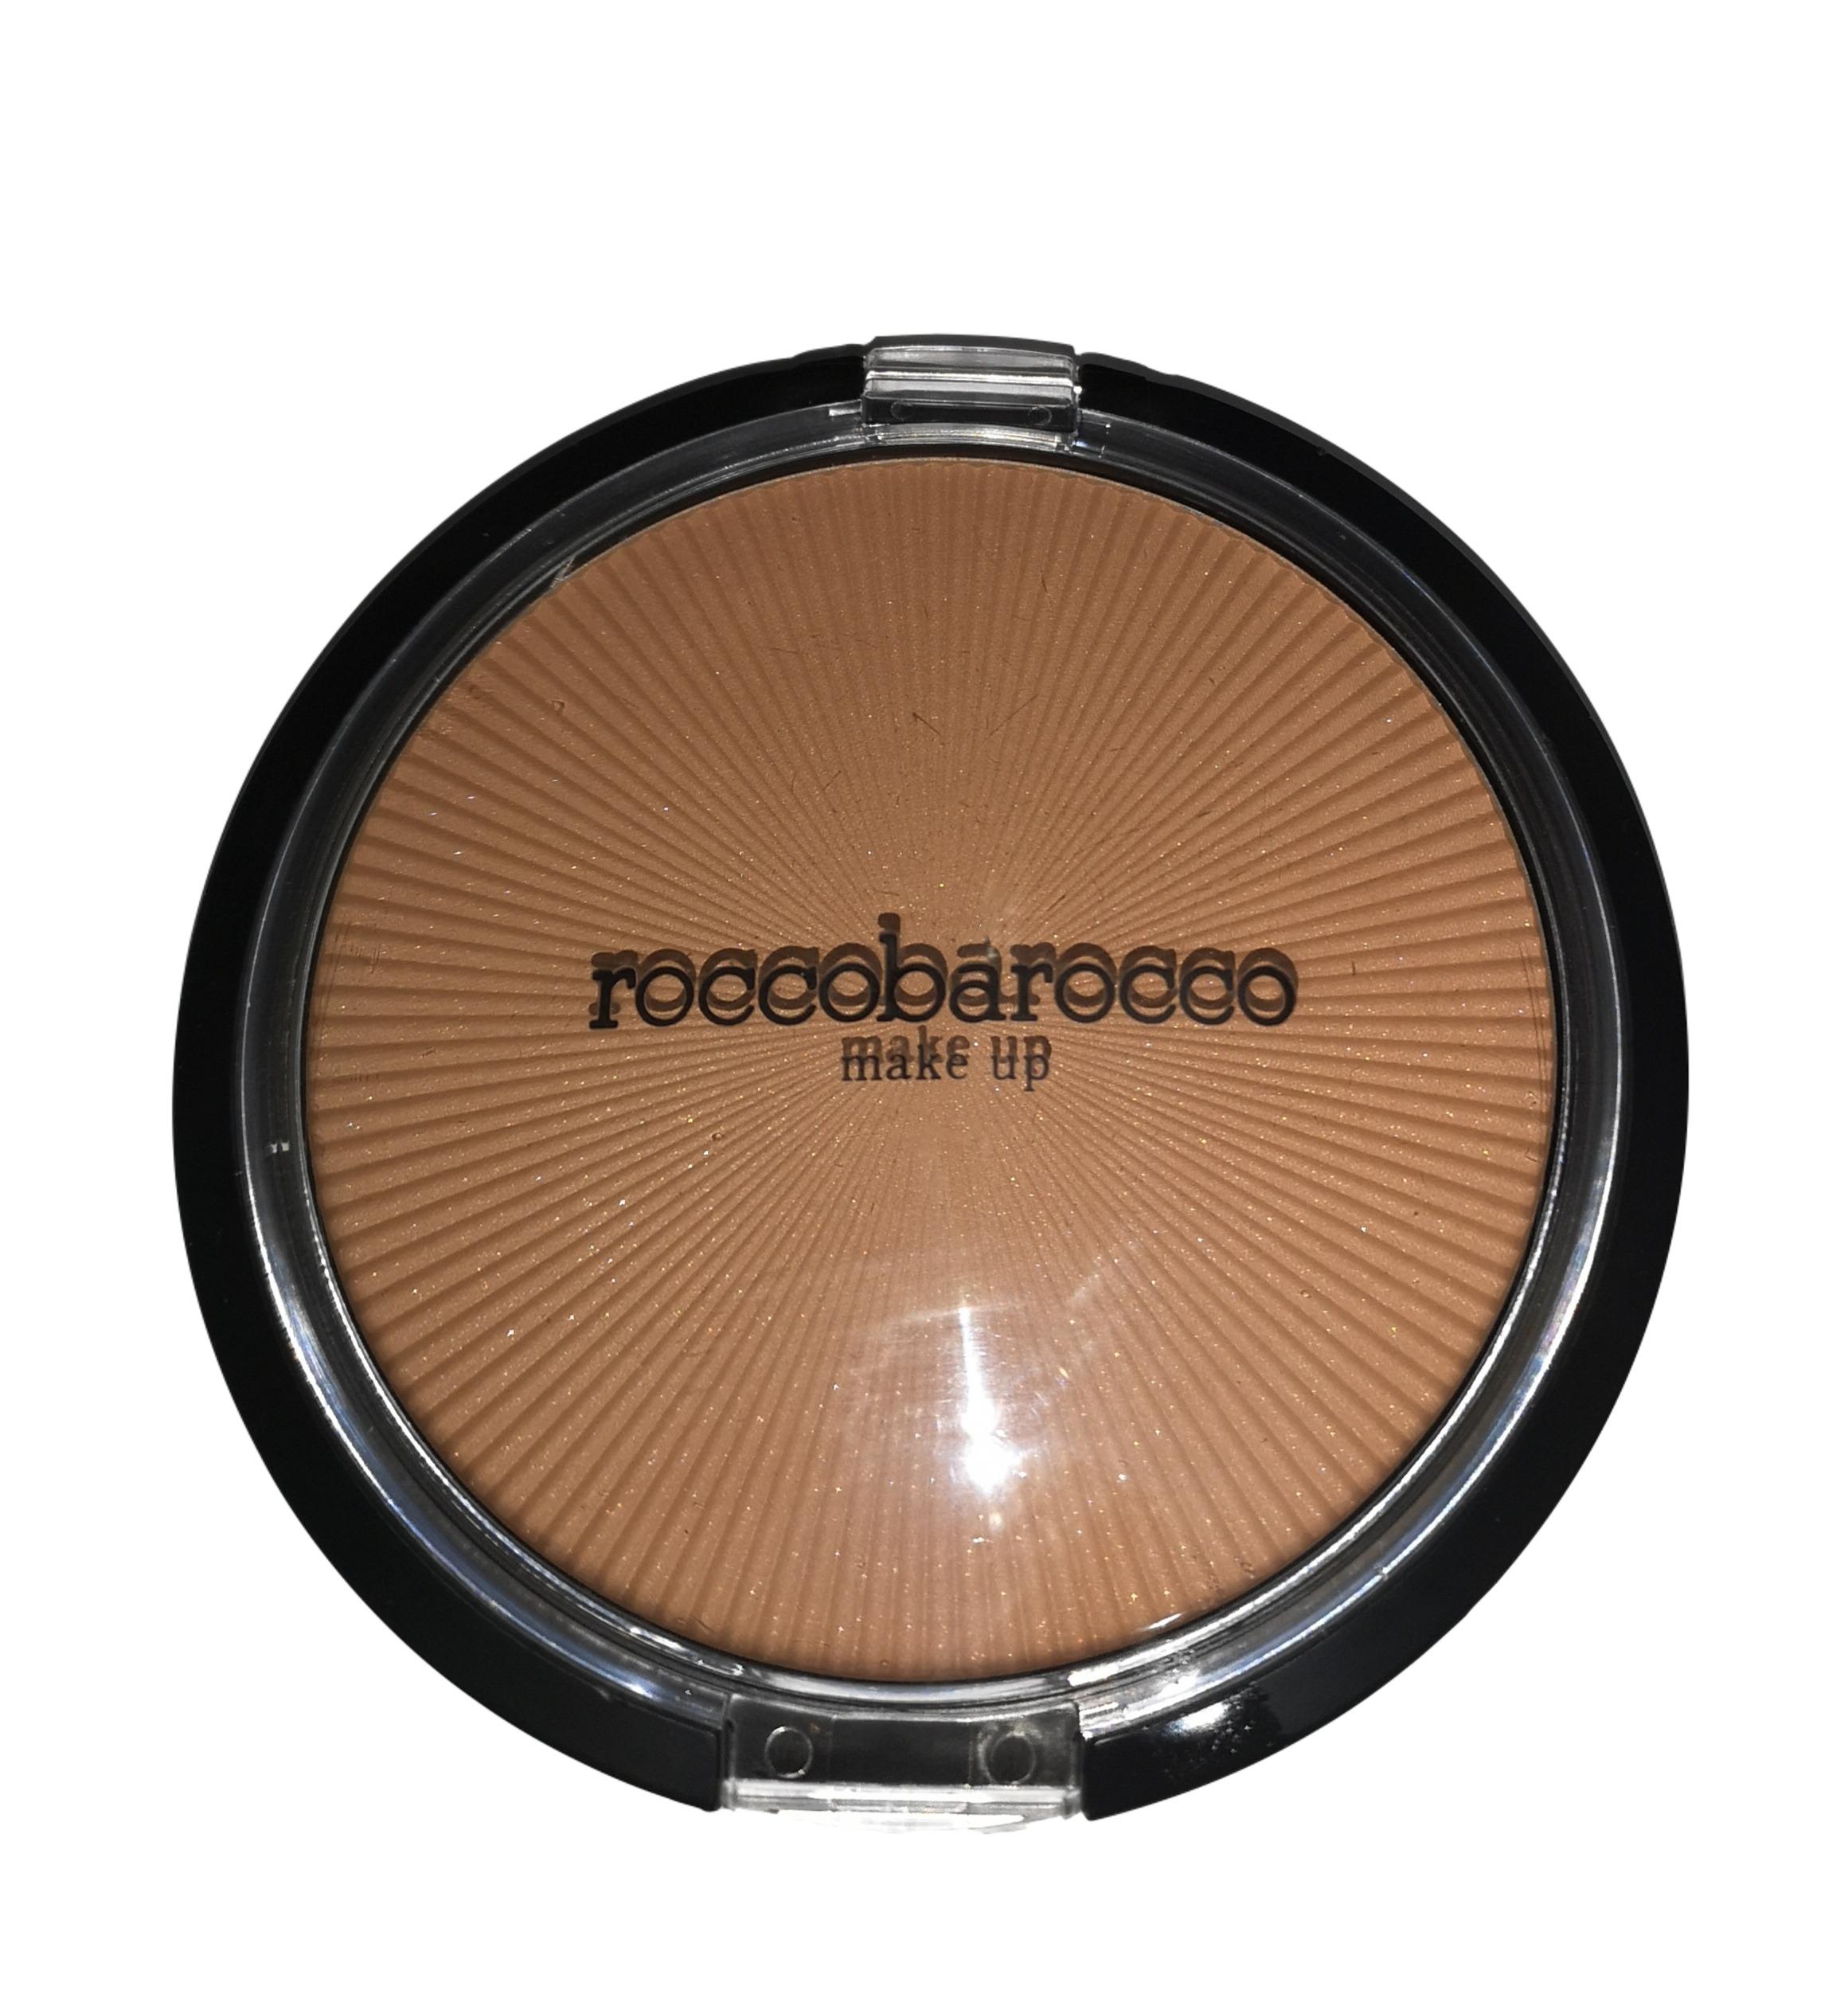 ROCCOBAROCO MAXI DESERT BRONZING POWDER N.022 Terra Compatta Effetto Abbronzante maxi-formato 35G